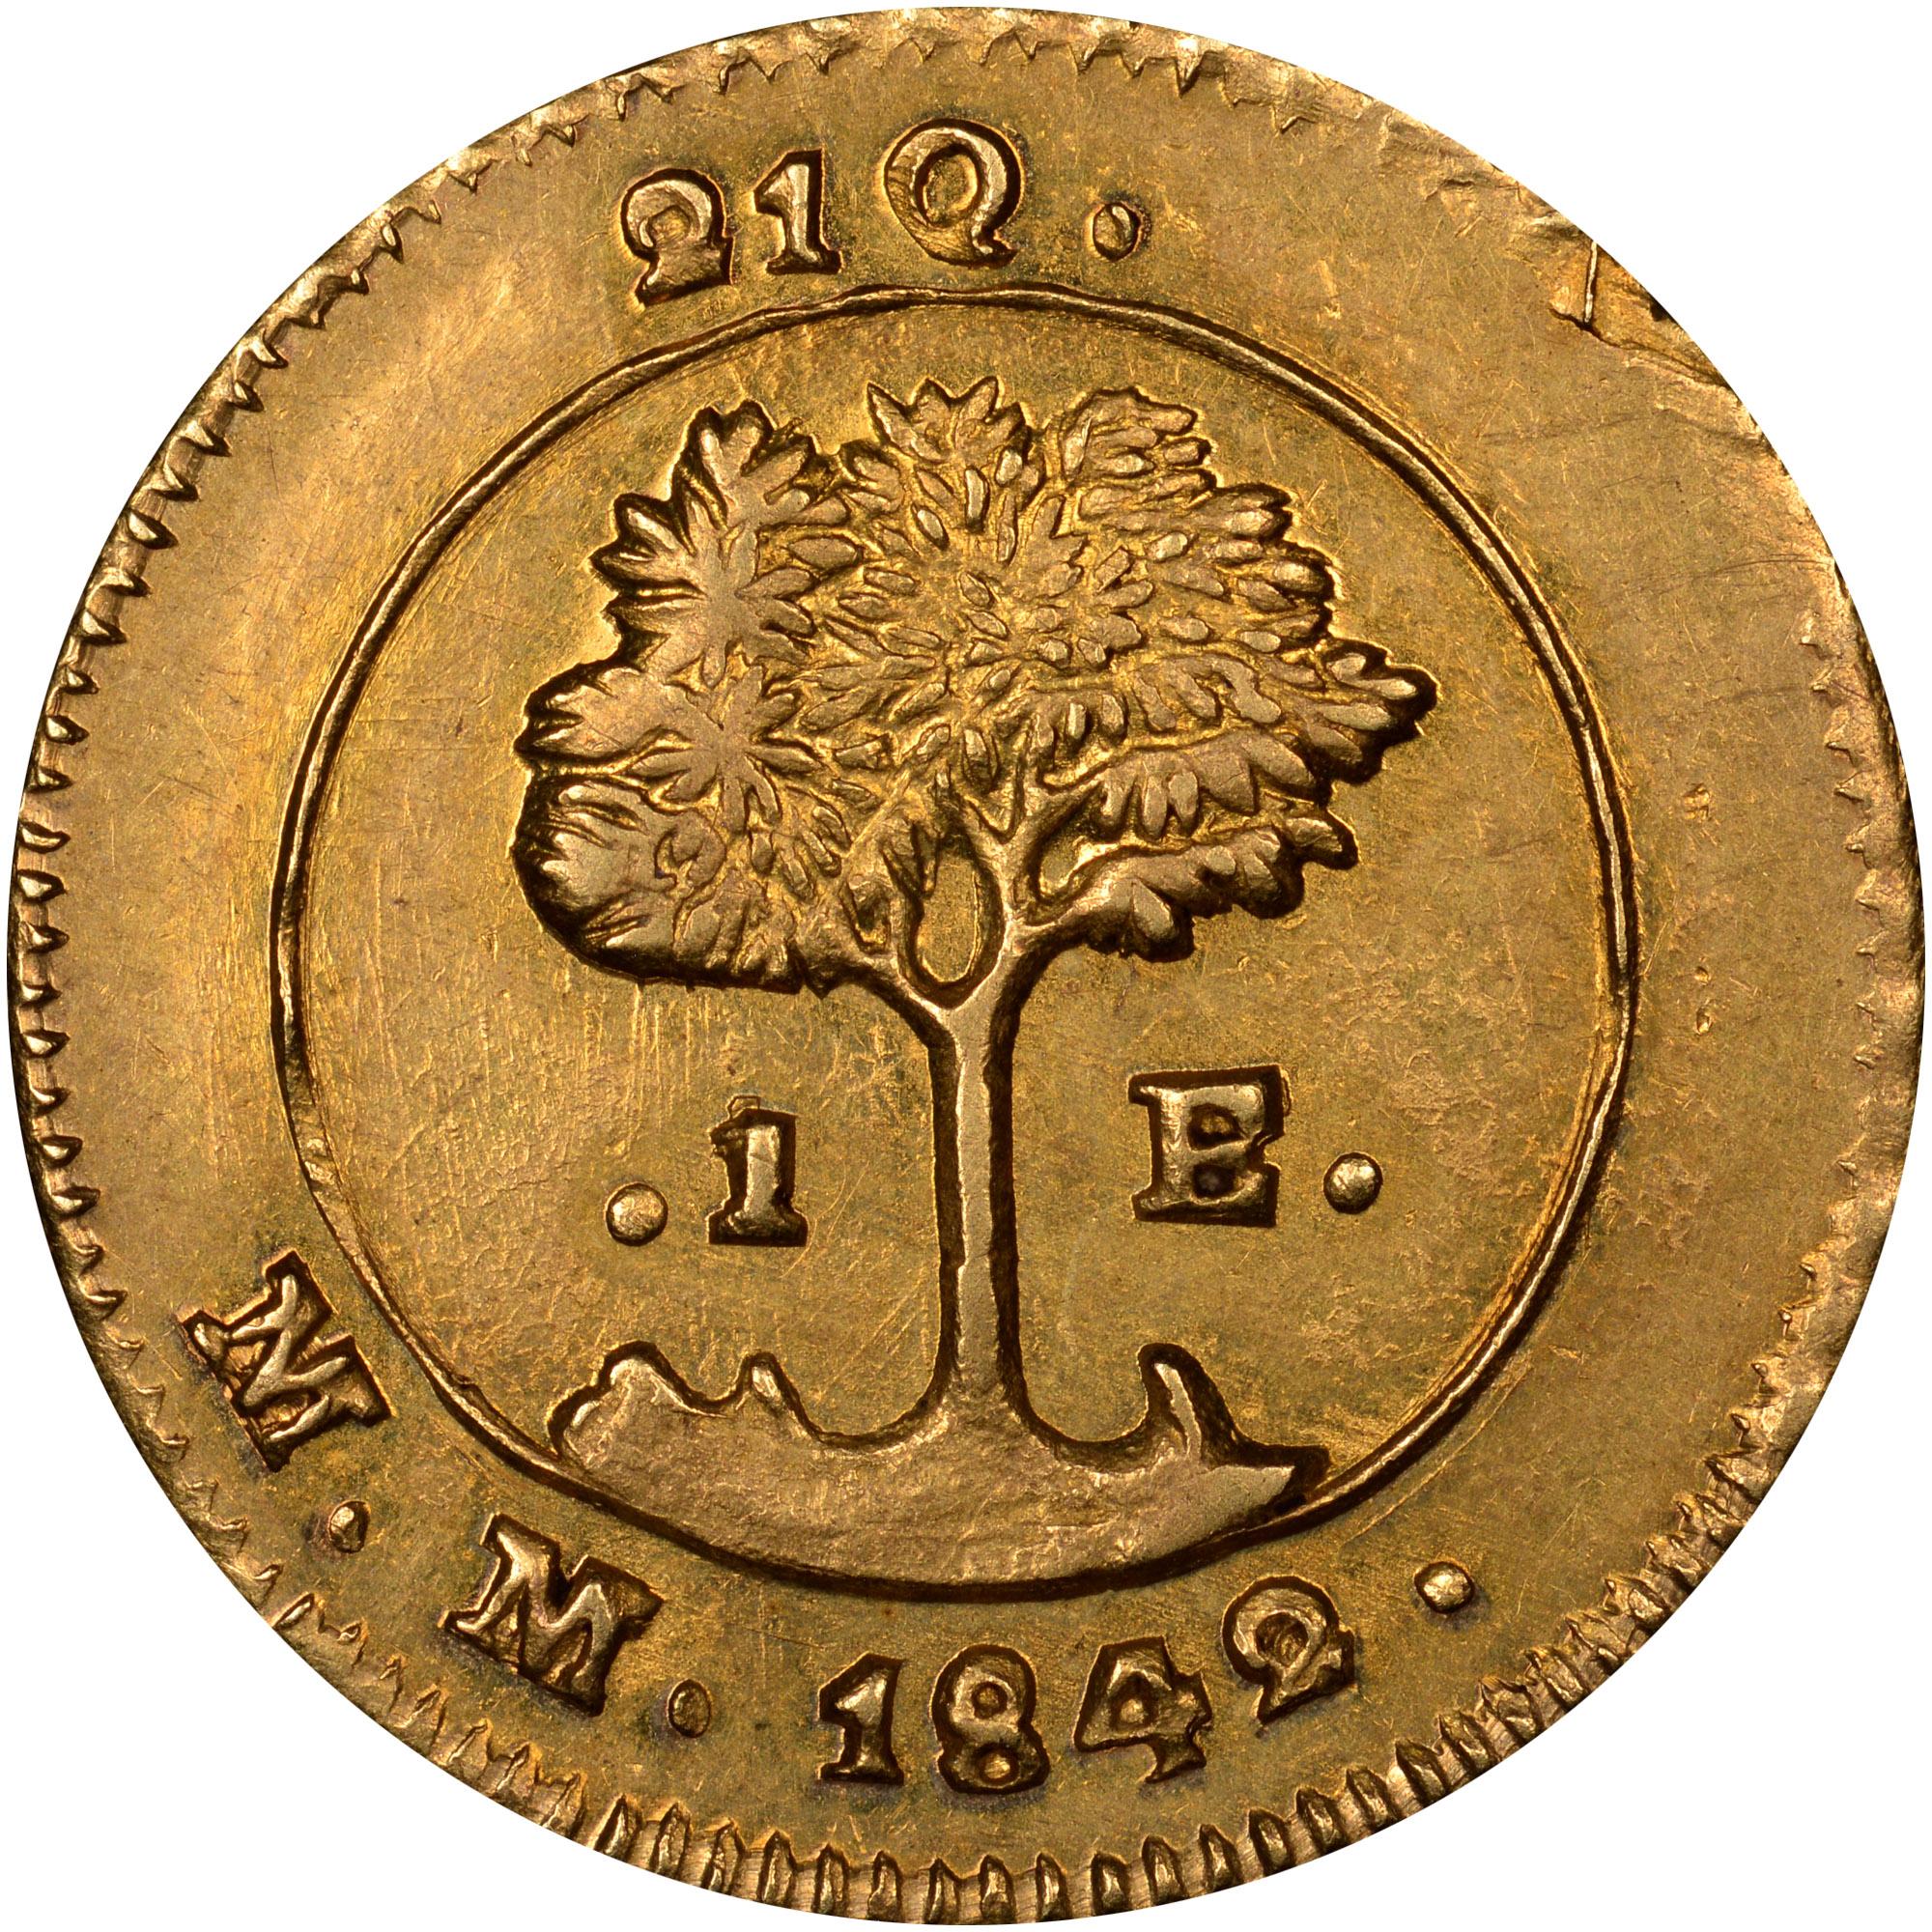 1842 Costa Rica Escudo reverse